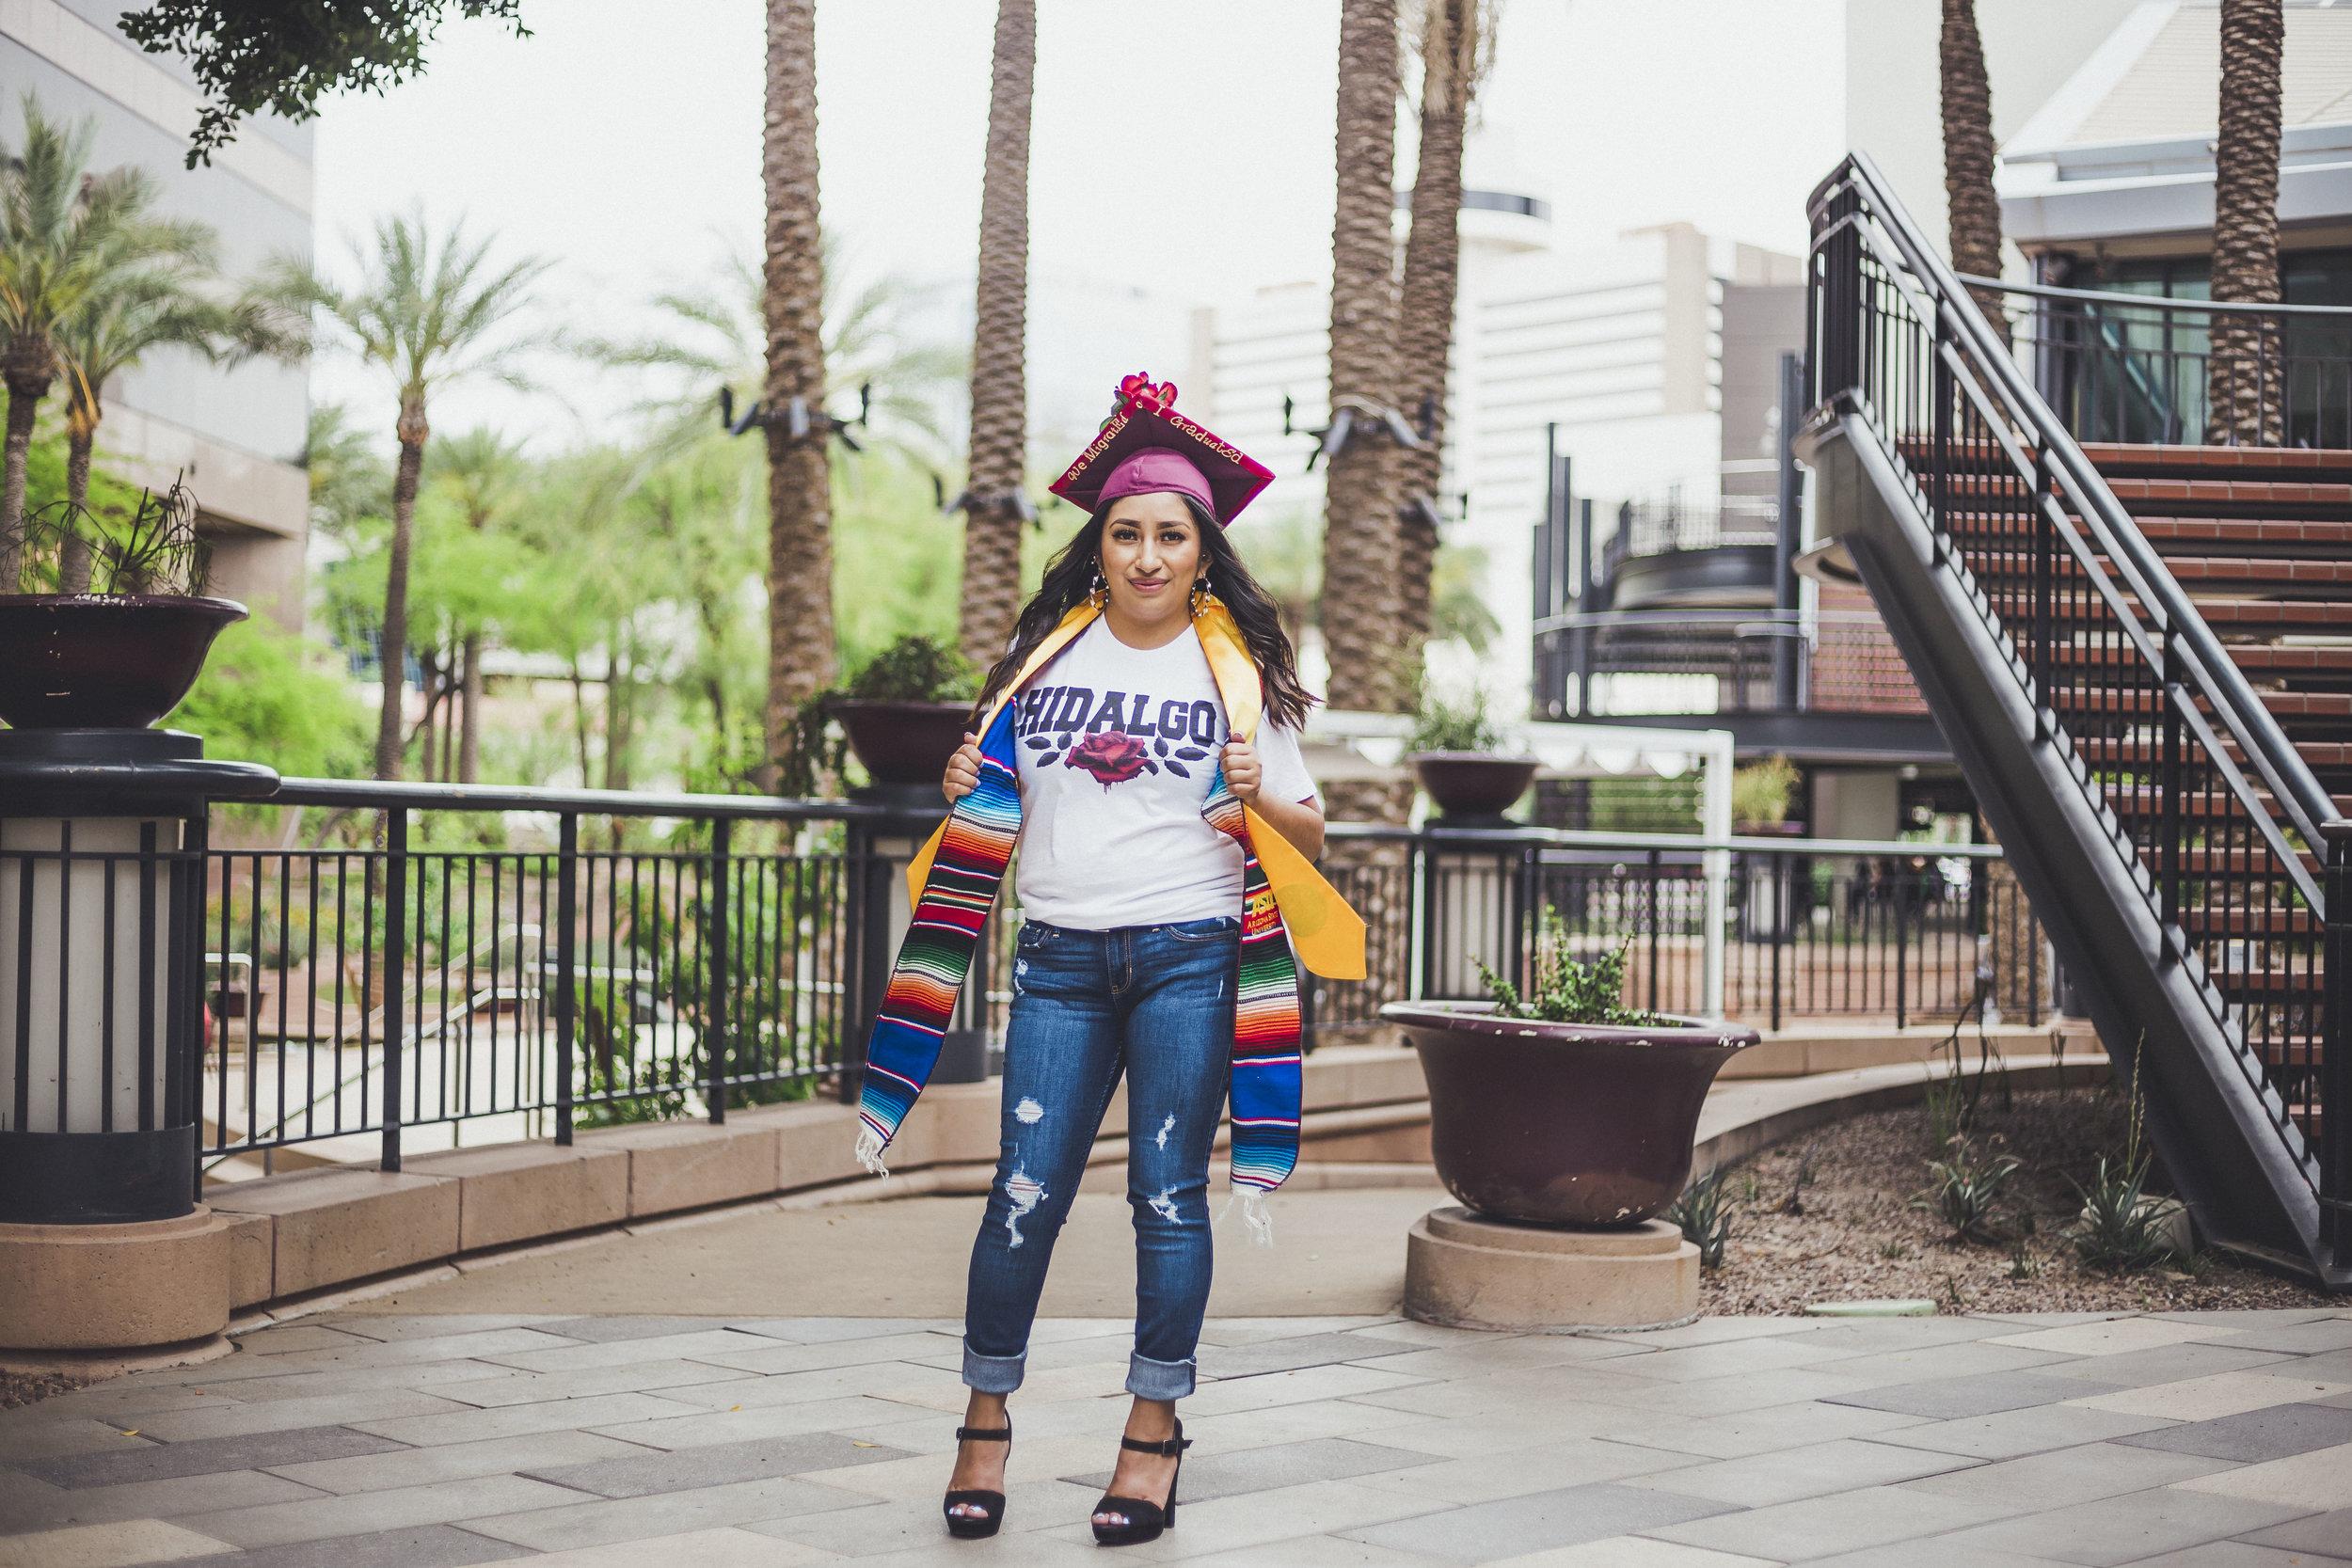 05-02-2019 Blanca y Laura Grad Portraits_4873.jpg